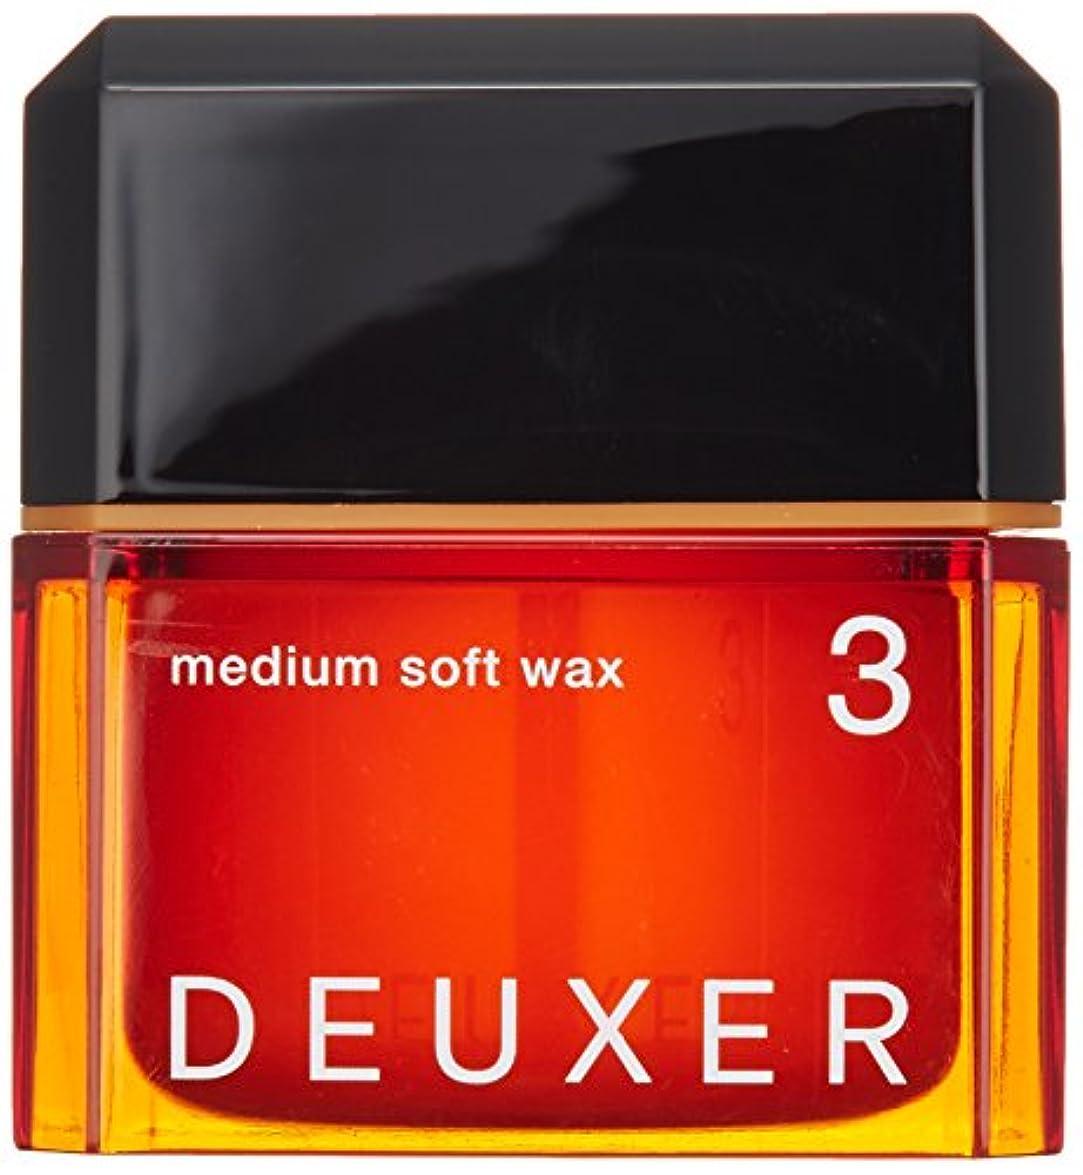 ピッチャー作成する分散ナンバースリー DEUXER(デューサー) ミディアムソフトワックス 3 80g